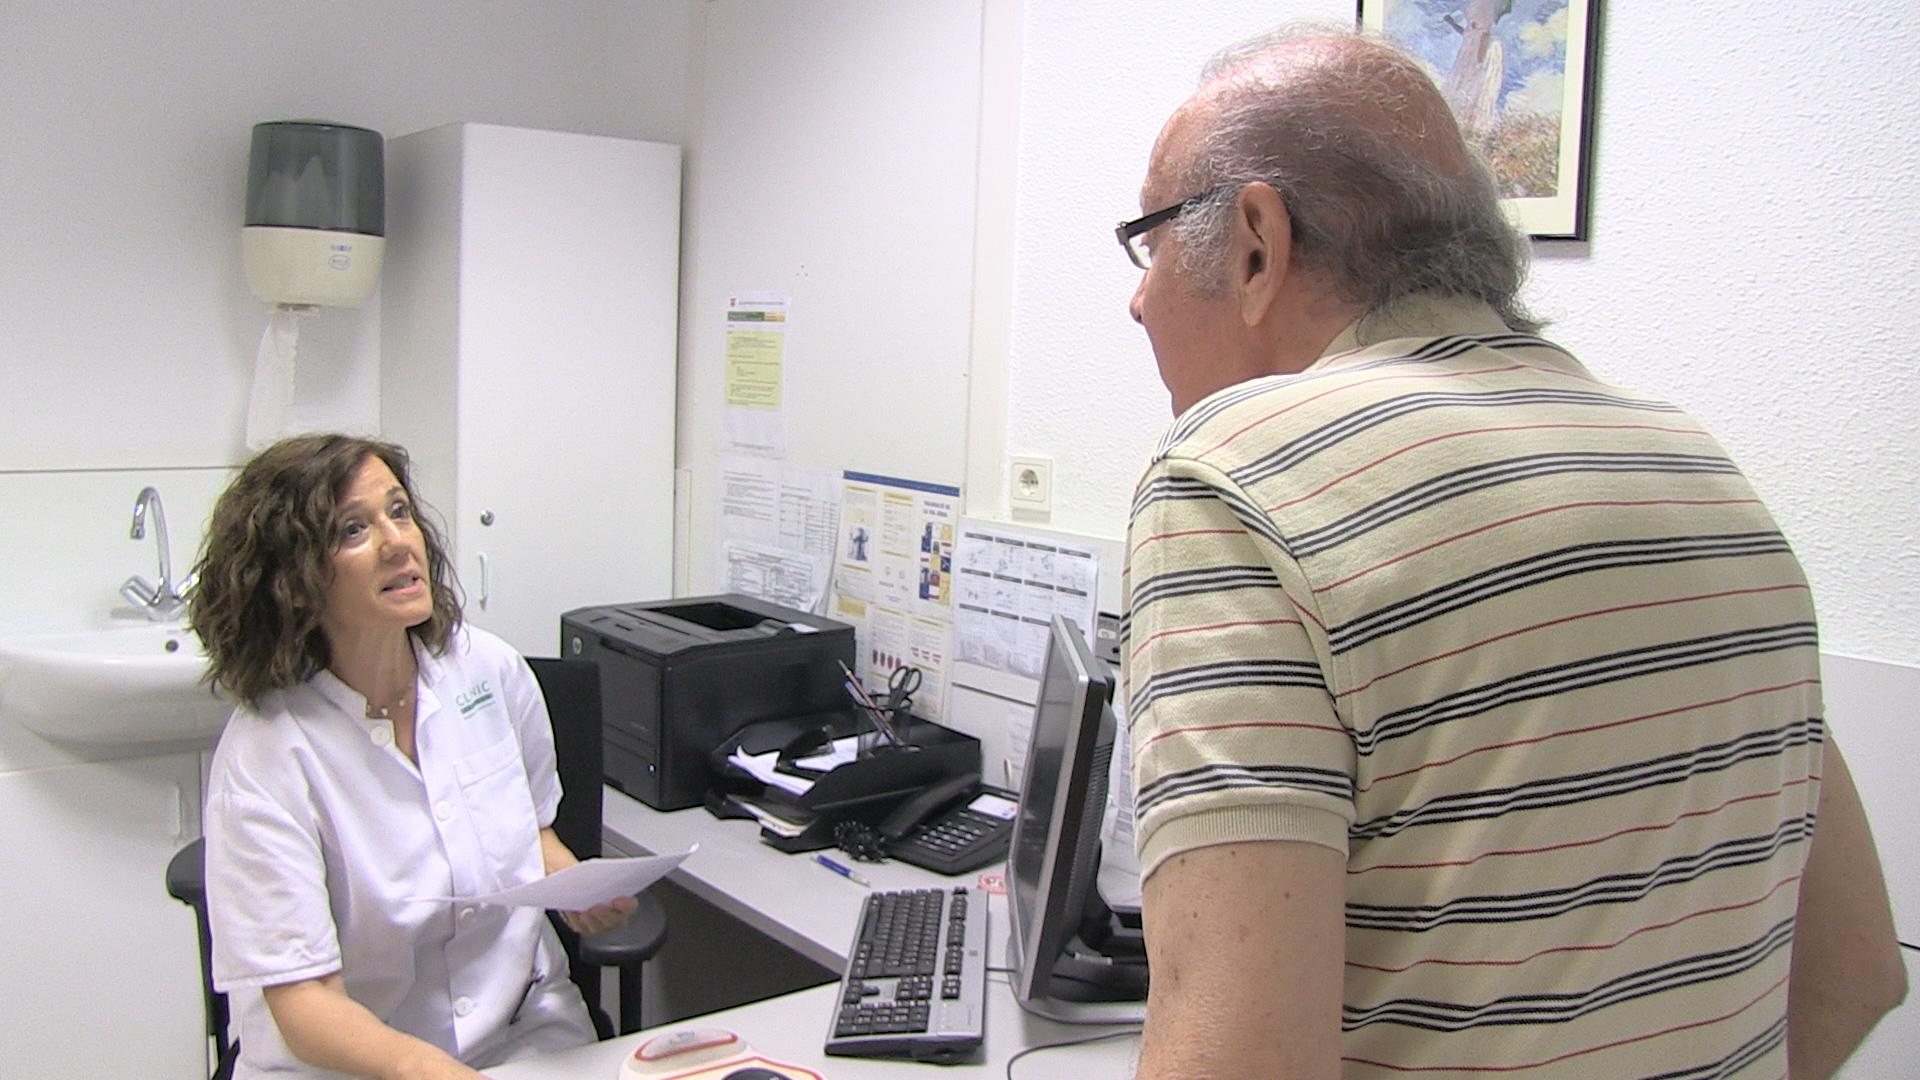 Un estudio muestra que una consulta específica de enfermería detectaría antes las enfermedades hepáticas